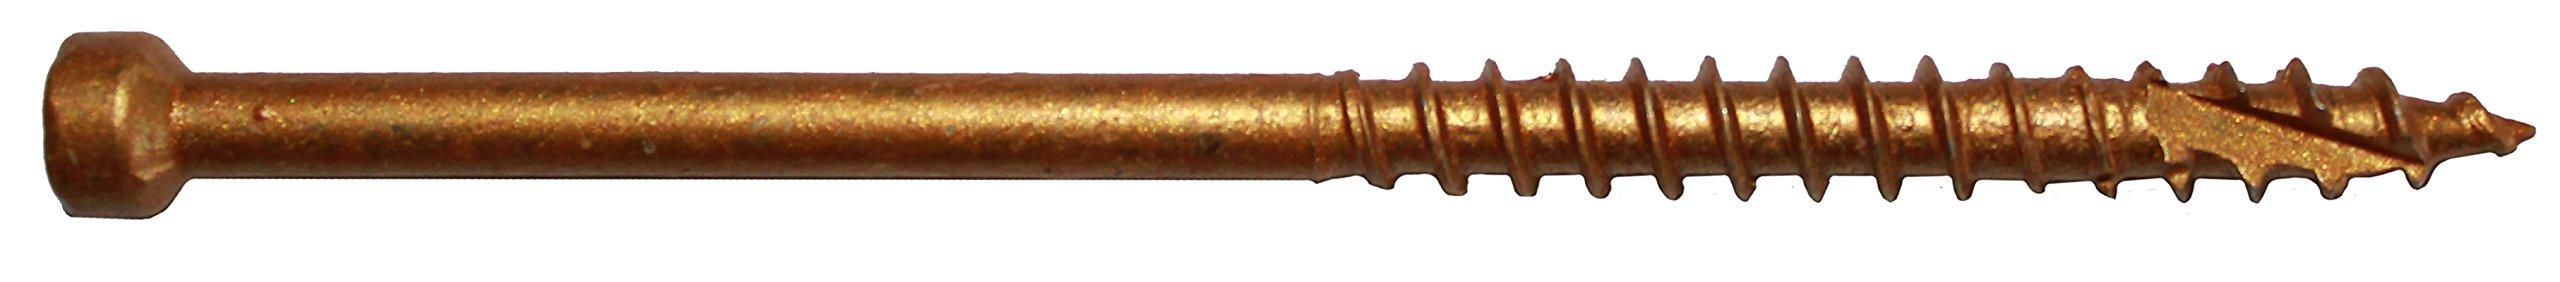 U2 Fasteners F-08-102500-P Fine Screw 8x2-1/2-inch, Quantity(475), 8 x 2-1/2'' by U2 Fasteners